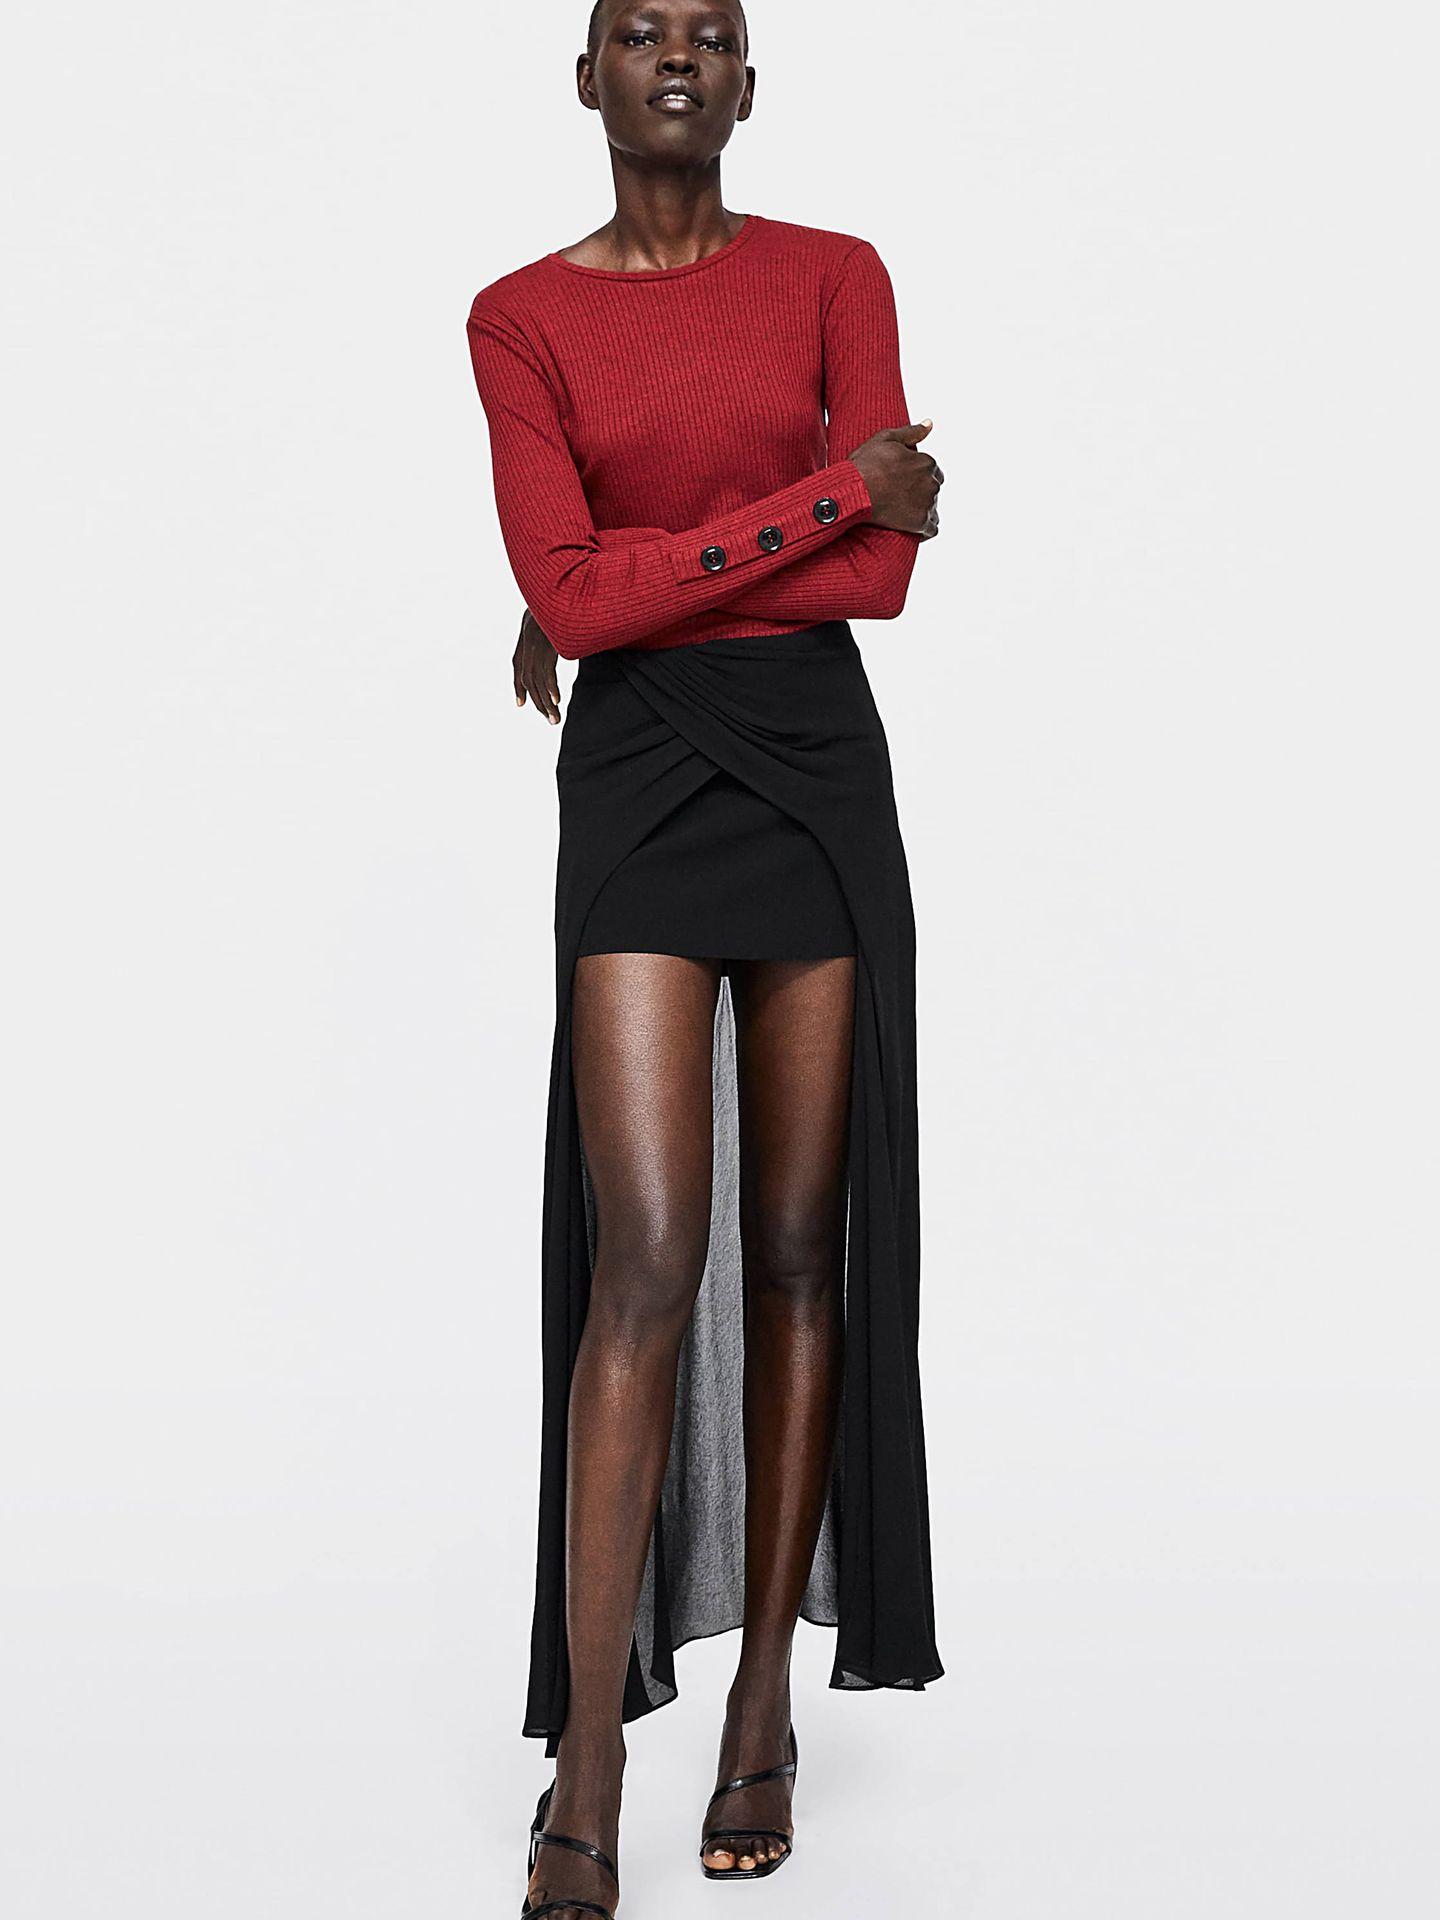 Falda asimétrica con abertura delantera (35,95 euros) y camiseta de canalé con botones (15,95 euros), ambos de Zara. (Cortesía de la marca)